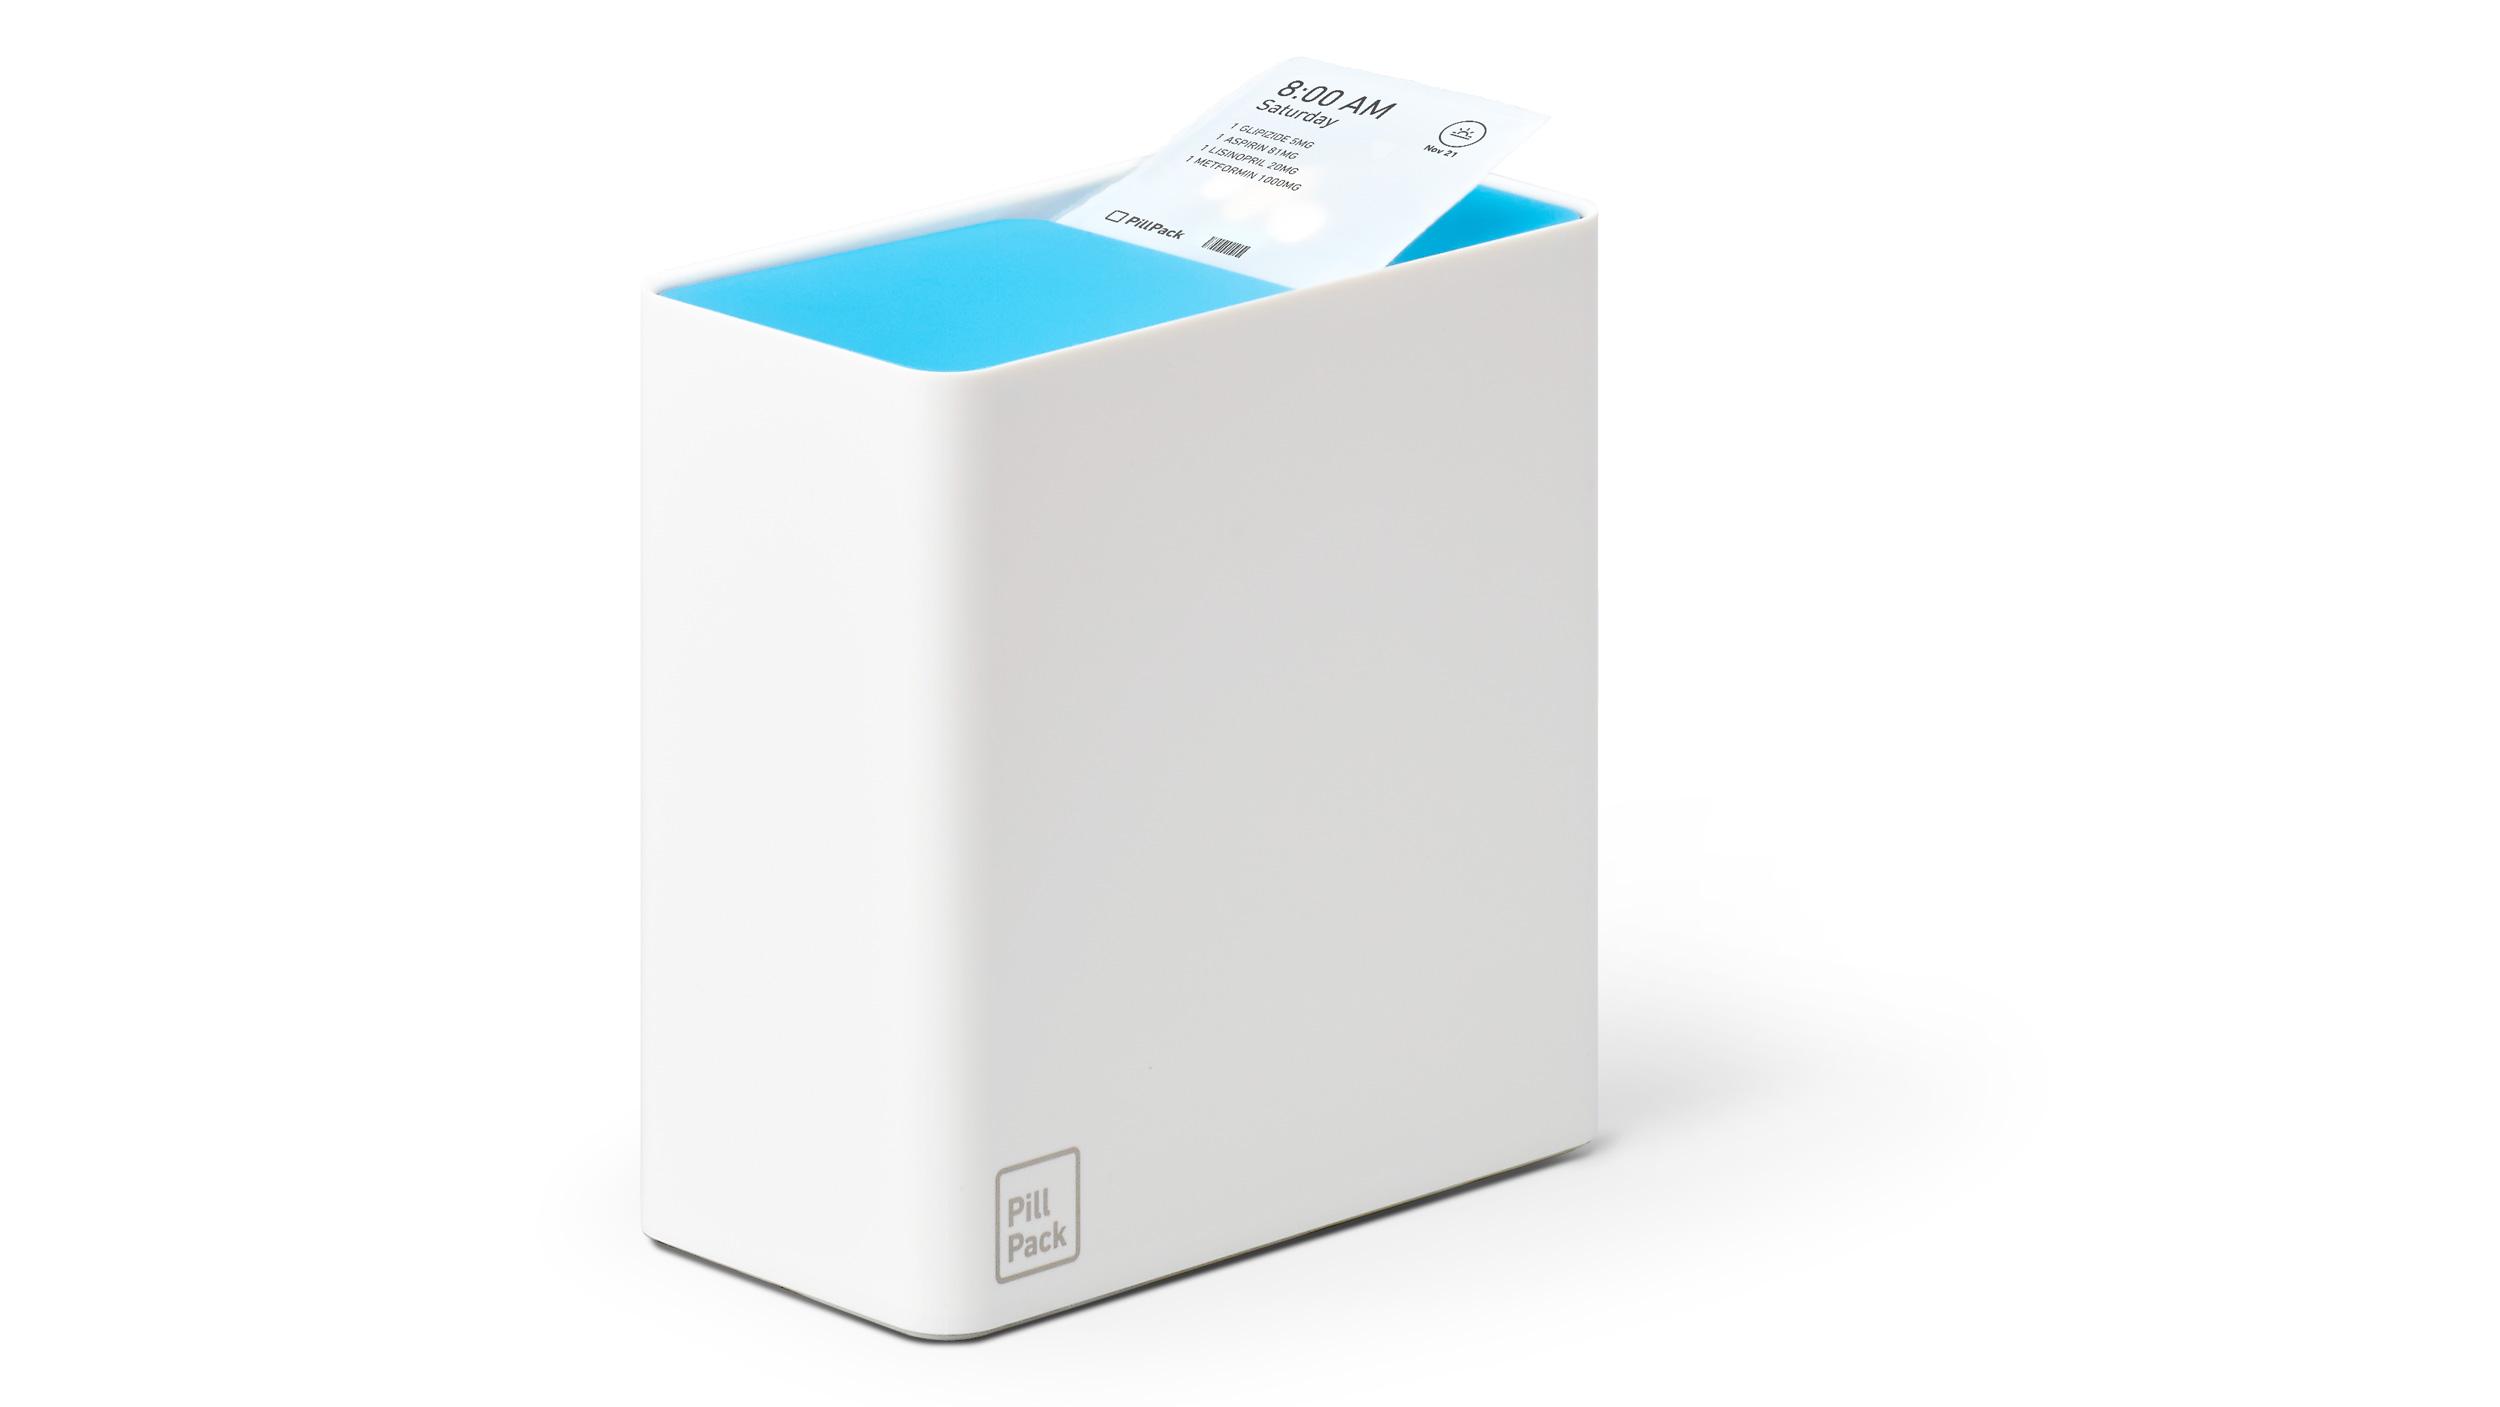 pillpack_premium_dispenser.jpg